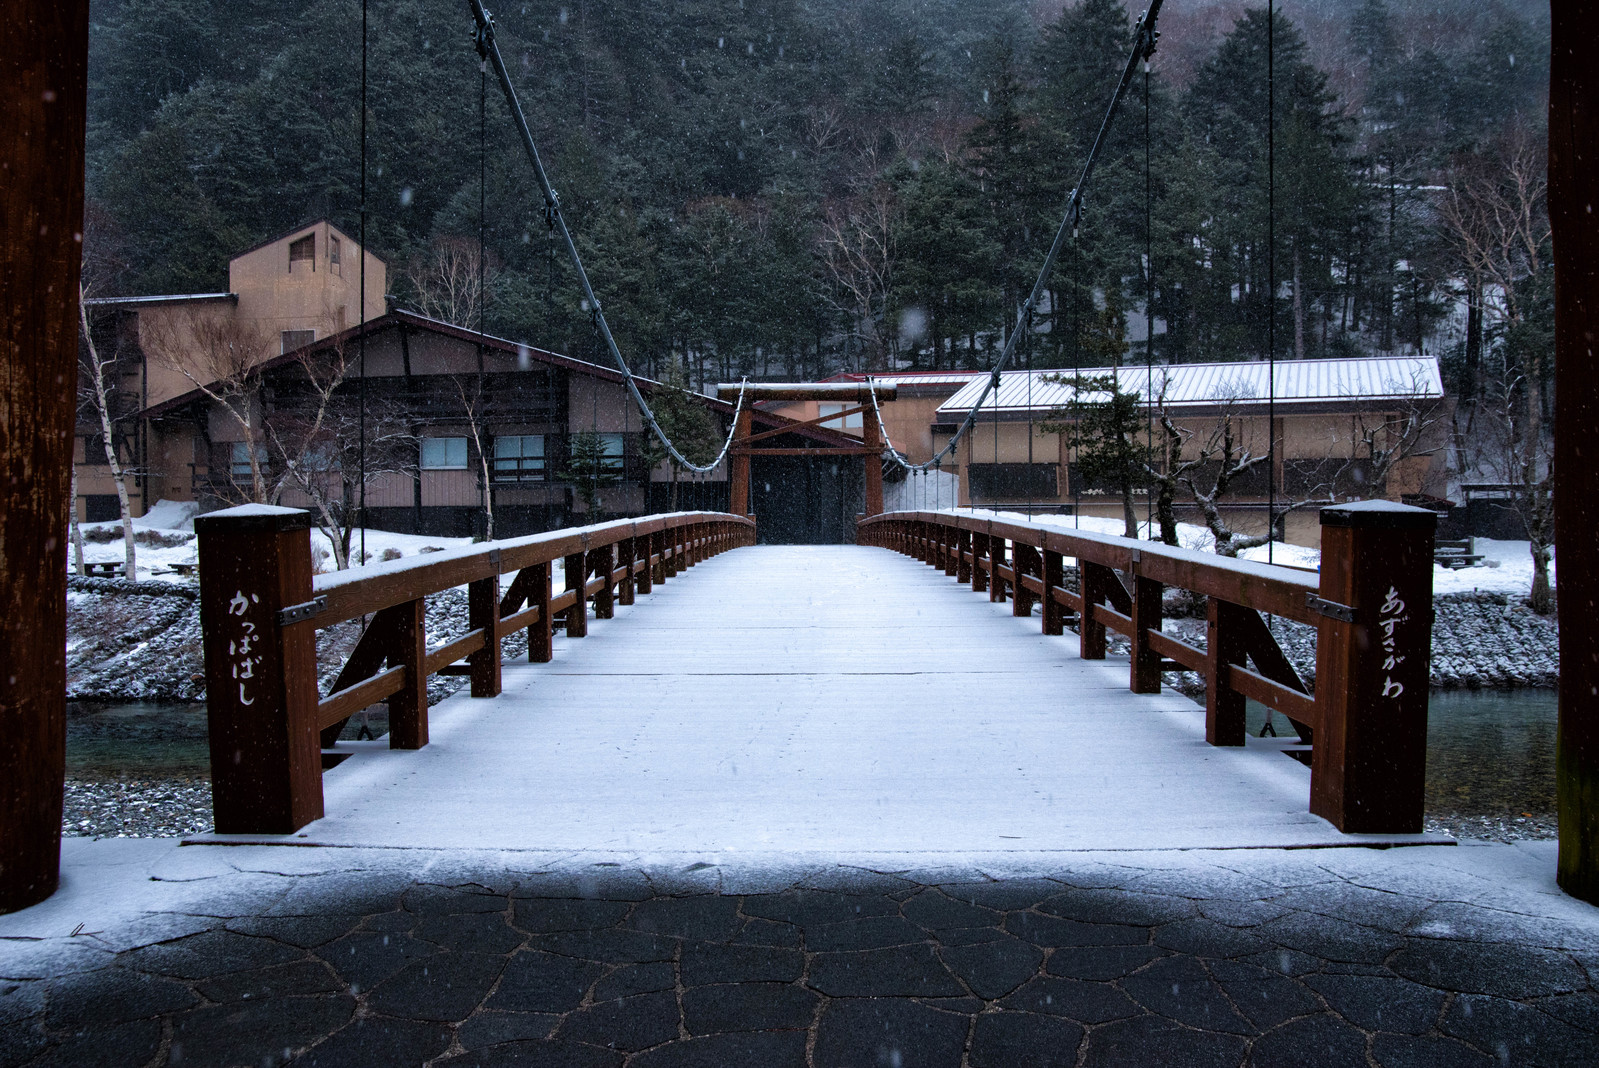 「雪が積もる「かっぱばし」雪が積もる「かっぱばし」」のフリー写真素材を拡大